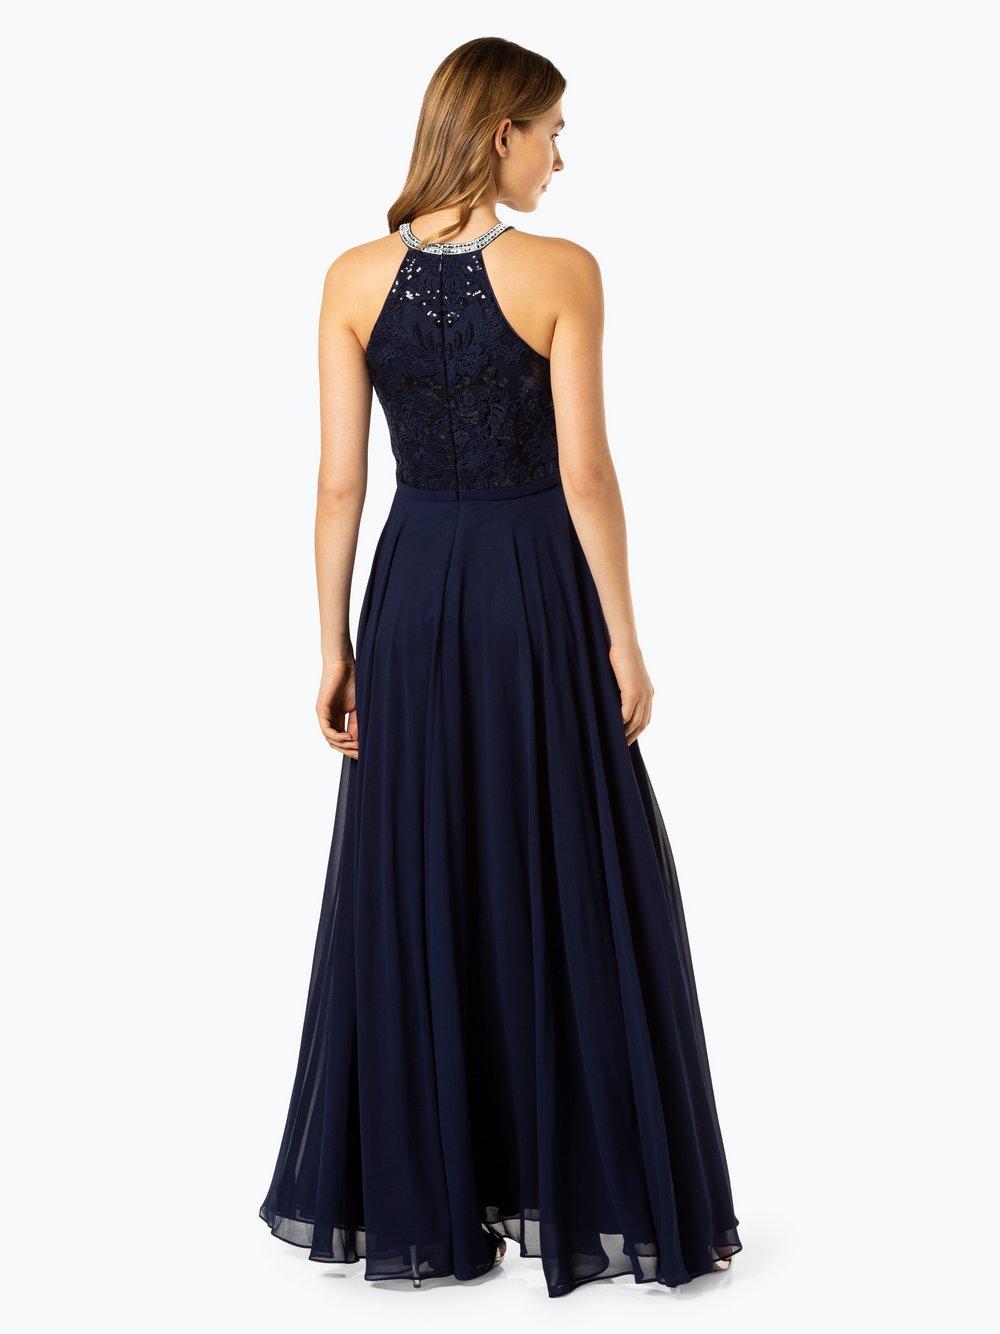 Kaufen Luxuar Abendkleid Stola Online Mit Fashion Damen QshxtrdC